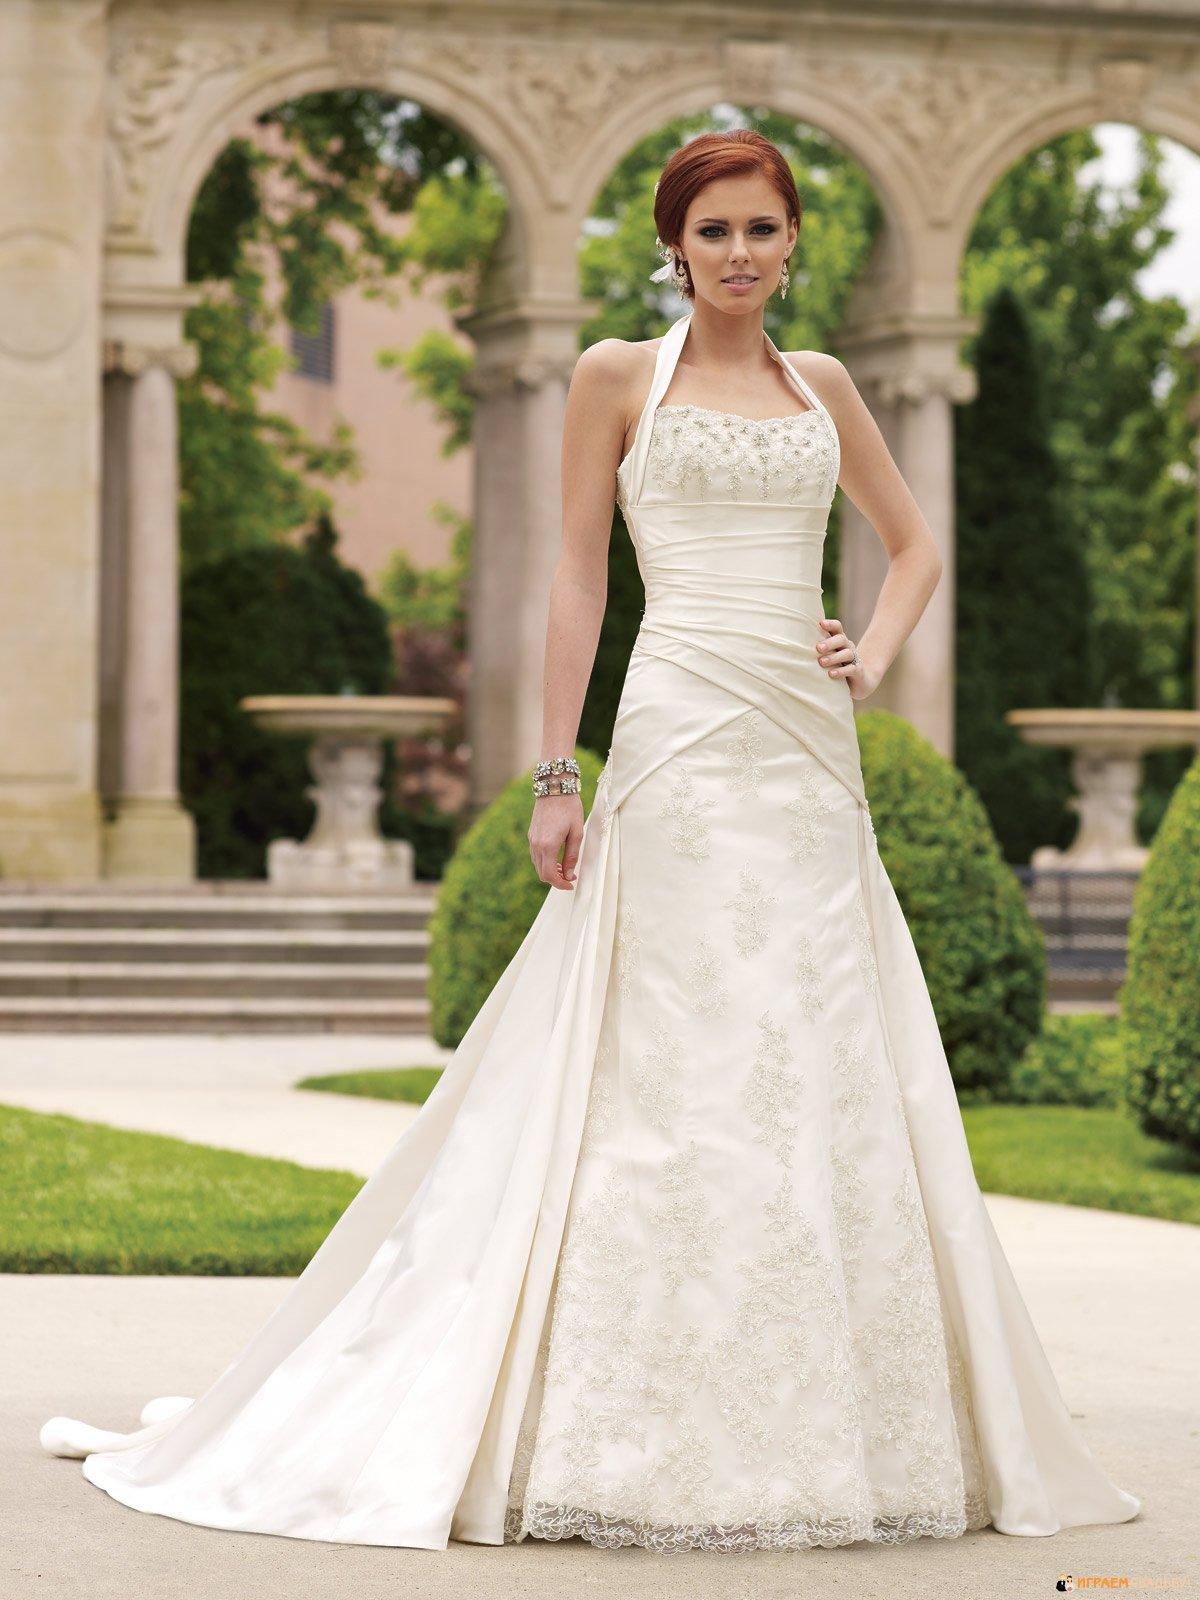 Фотоподборка свадебных платьев (121 фото